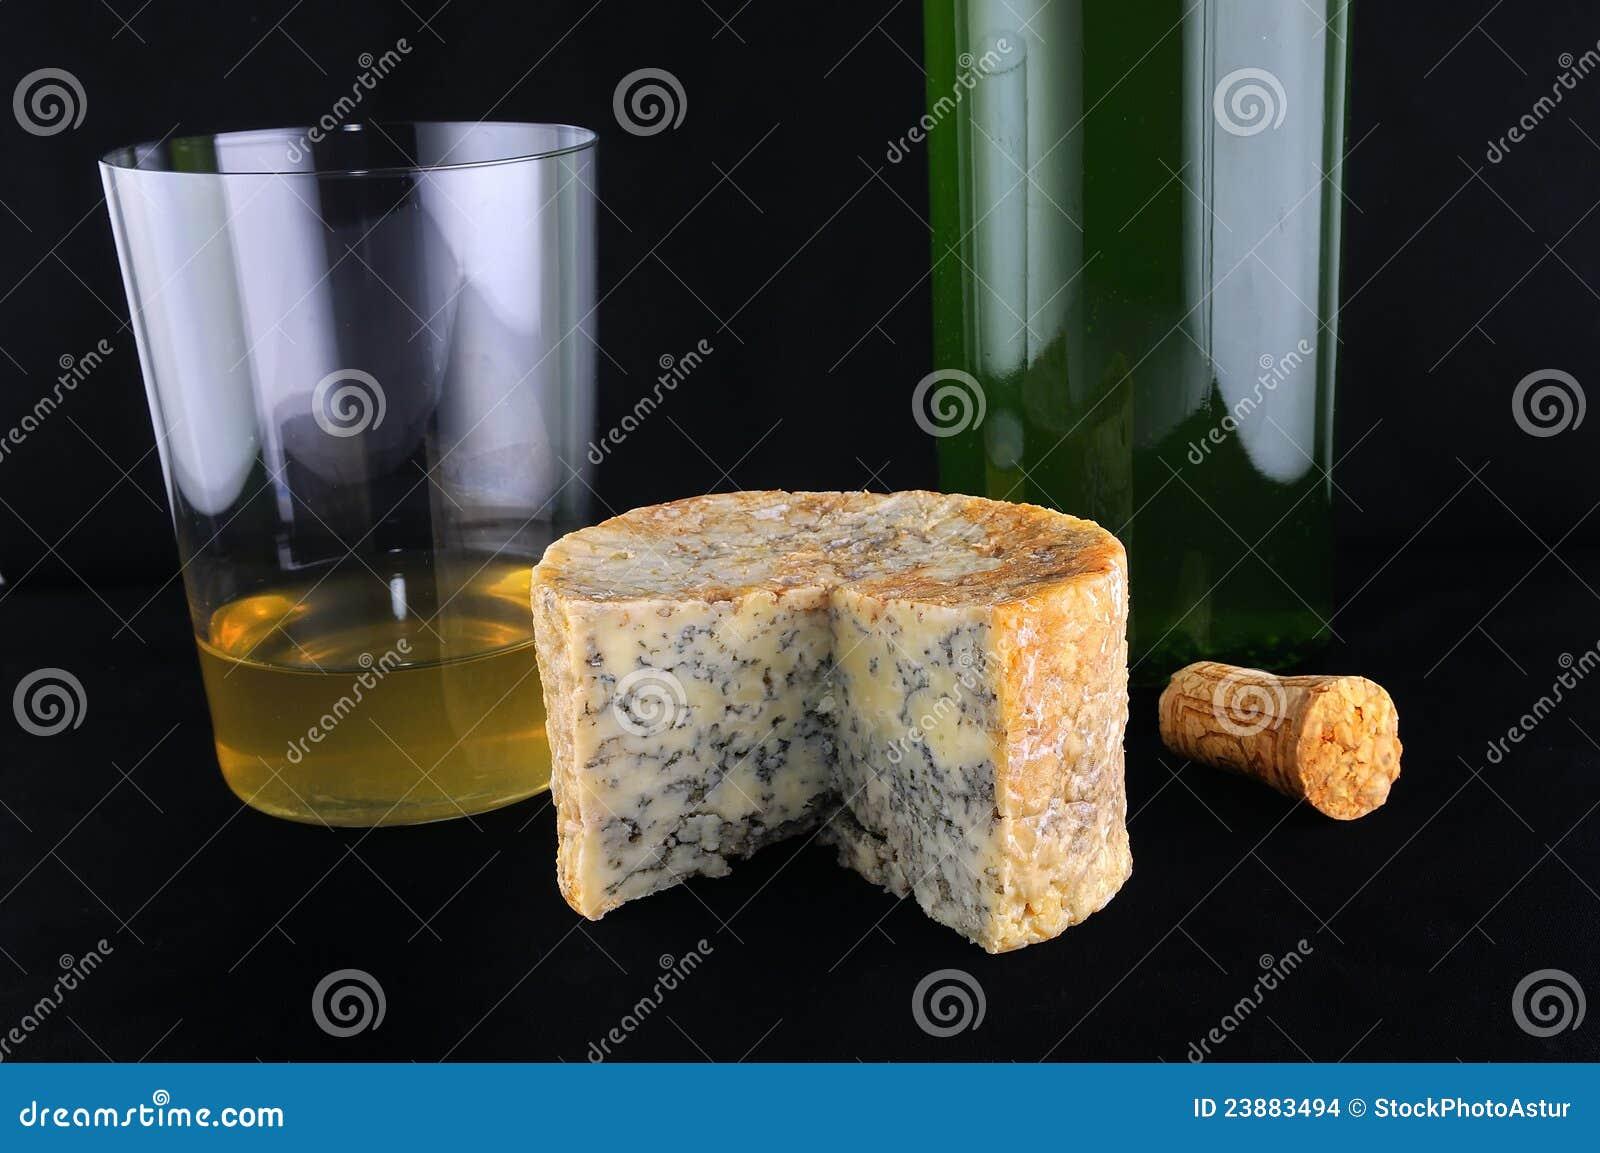 asturian cuisine stock images image 23883494